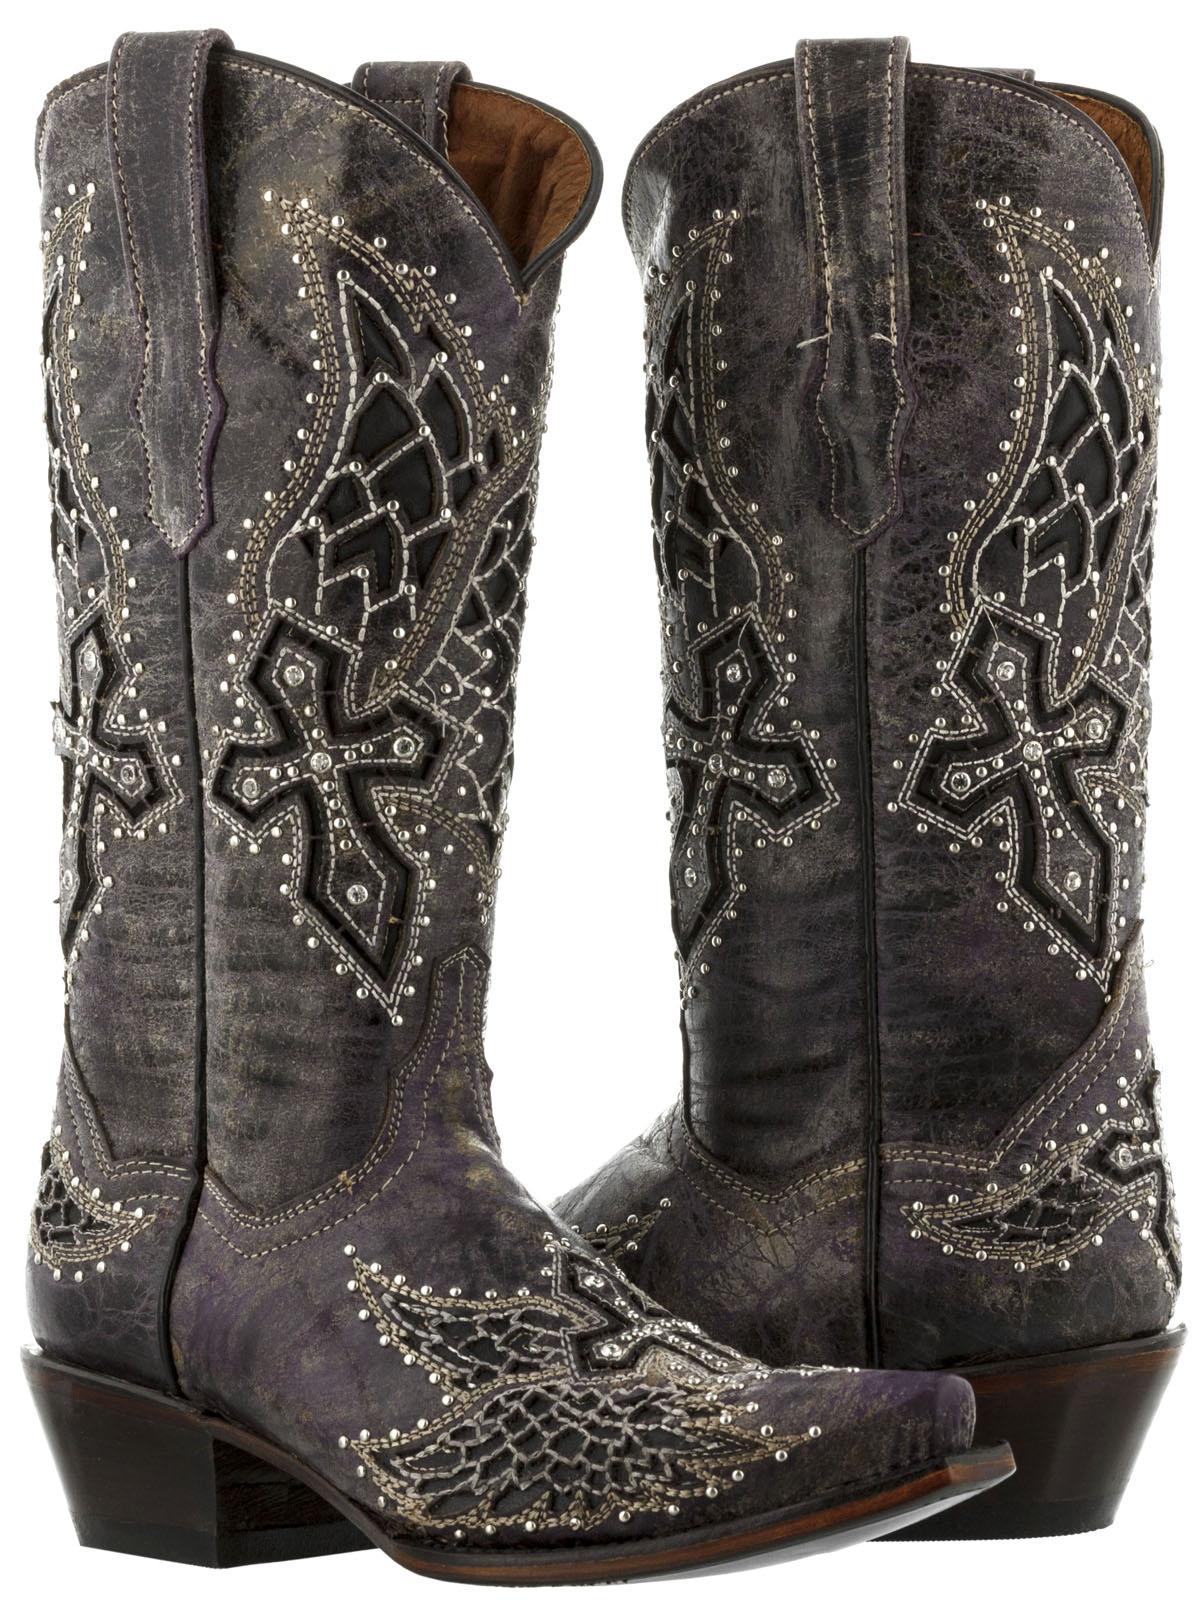 9dae1c02af8 Rhinestone Cowgirl Boots